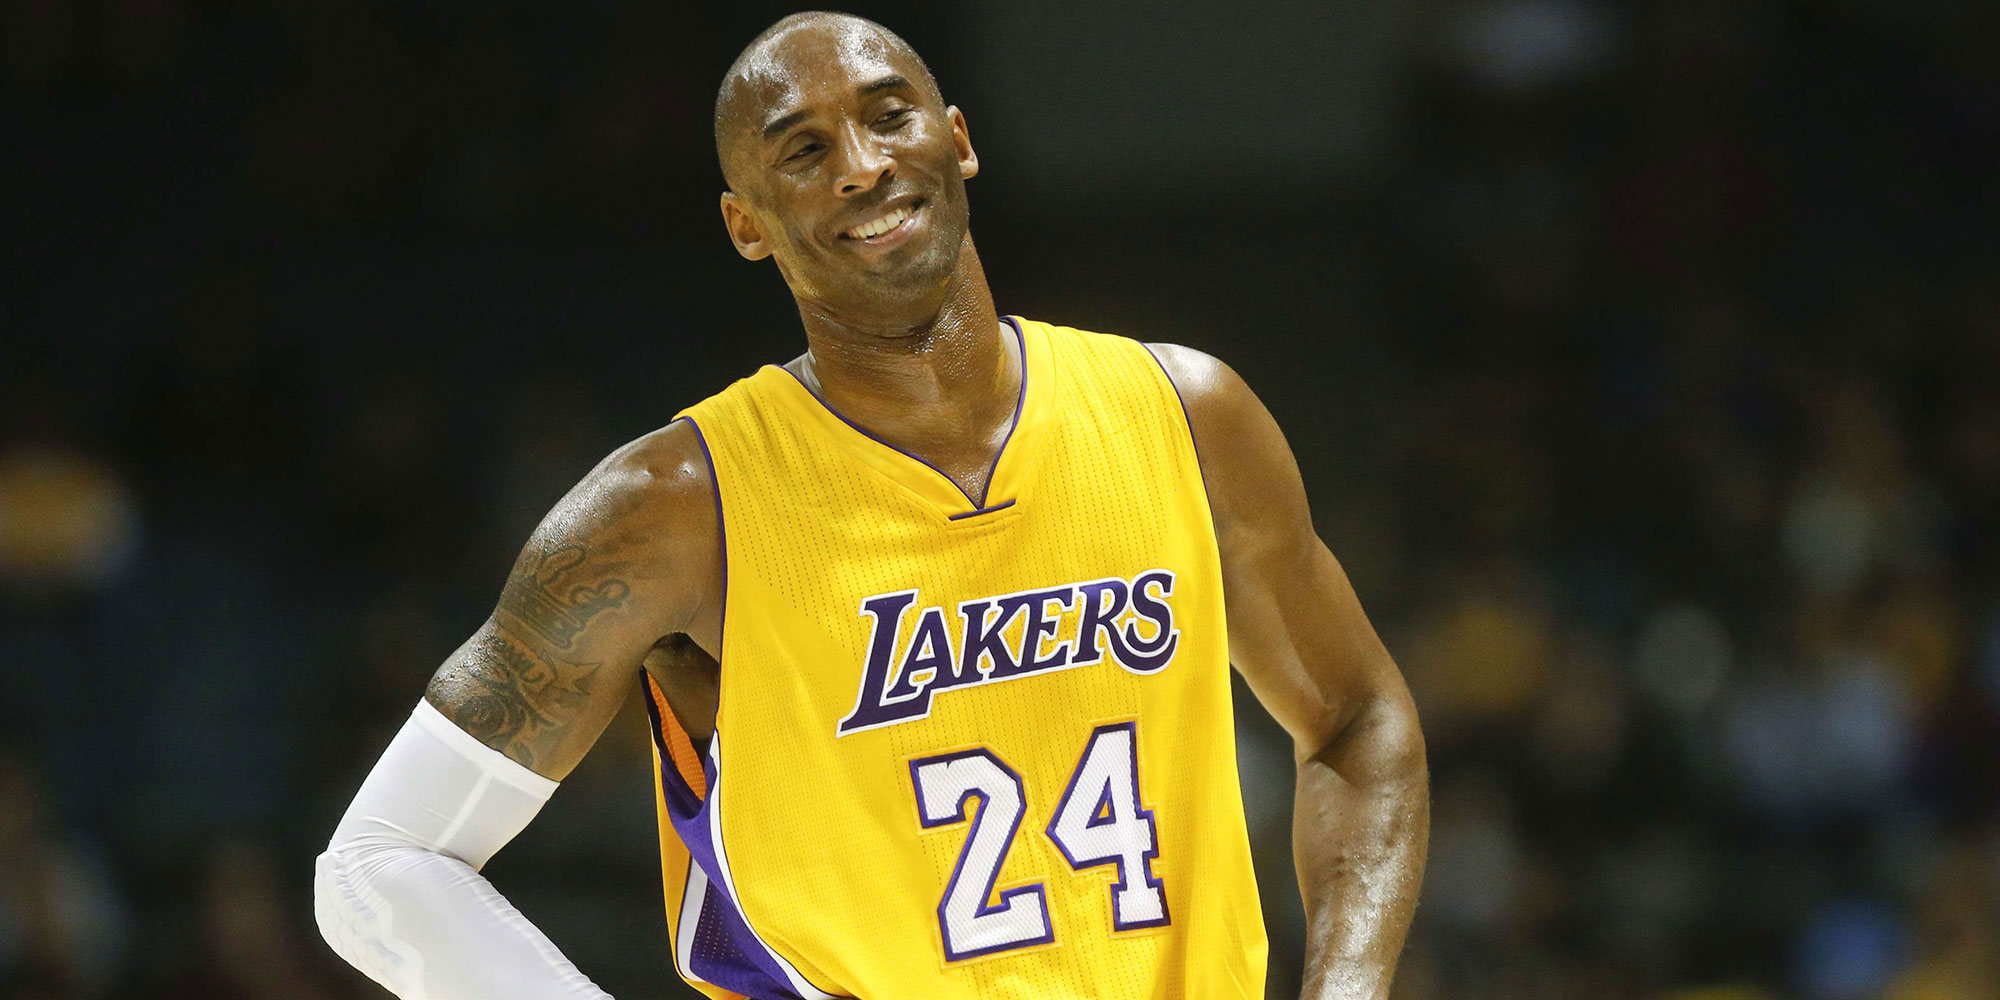 Voici Pourquoi Kobe Bryant Est Considere Comme L Un Des Meilleurs Joueurs De Basket